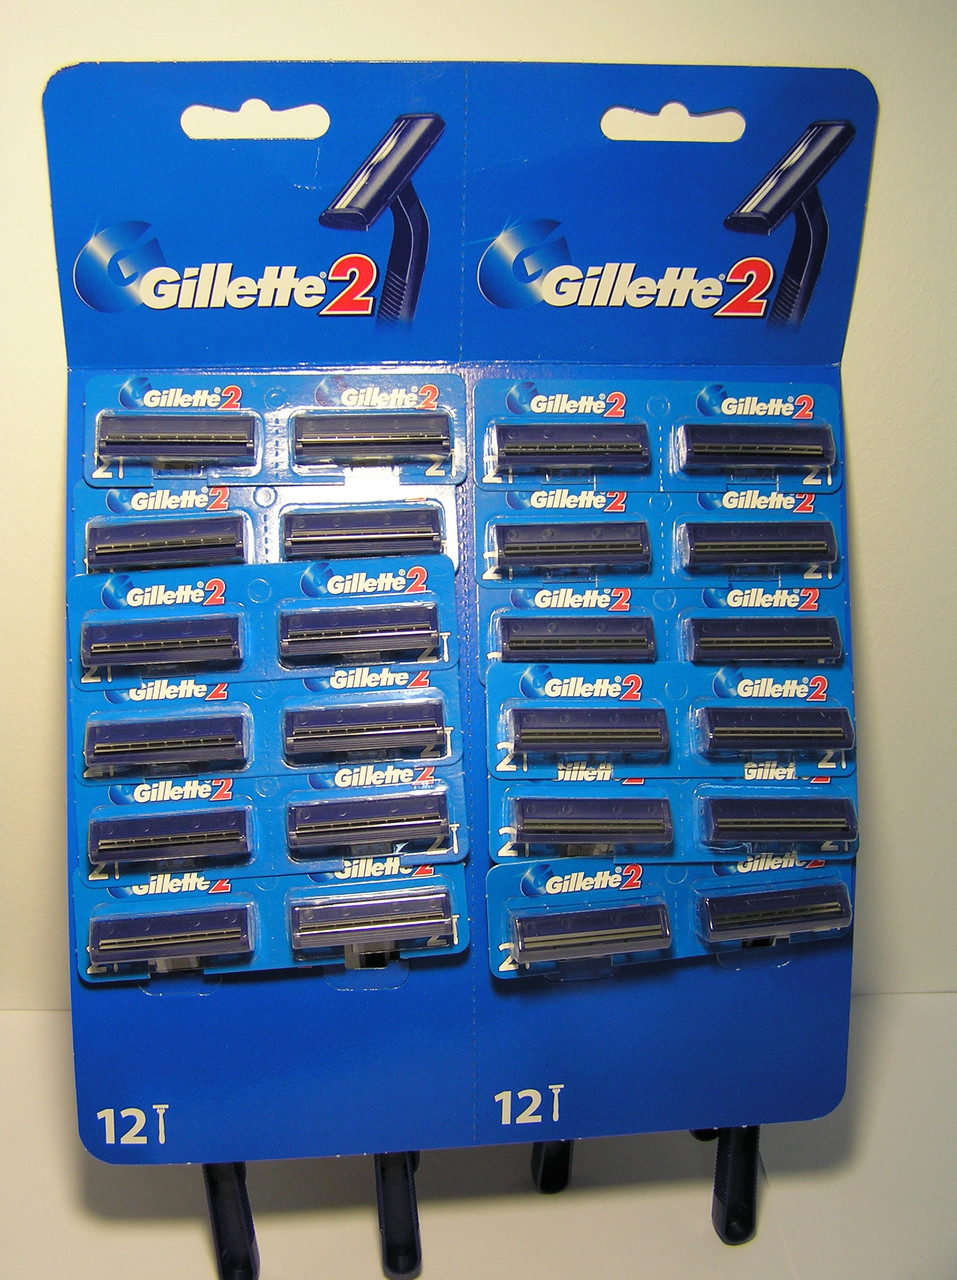 Gillette жиллетт 2 станок мужской одноразовый 24 шт.дисплей Оригинал